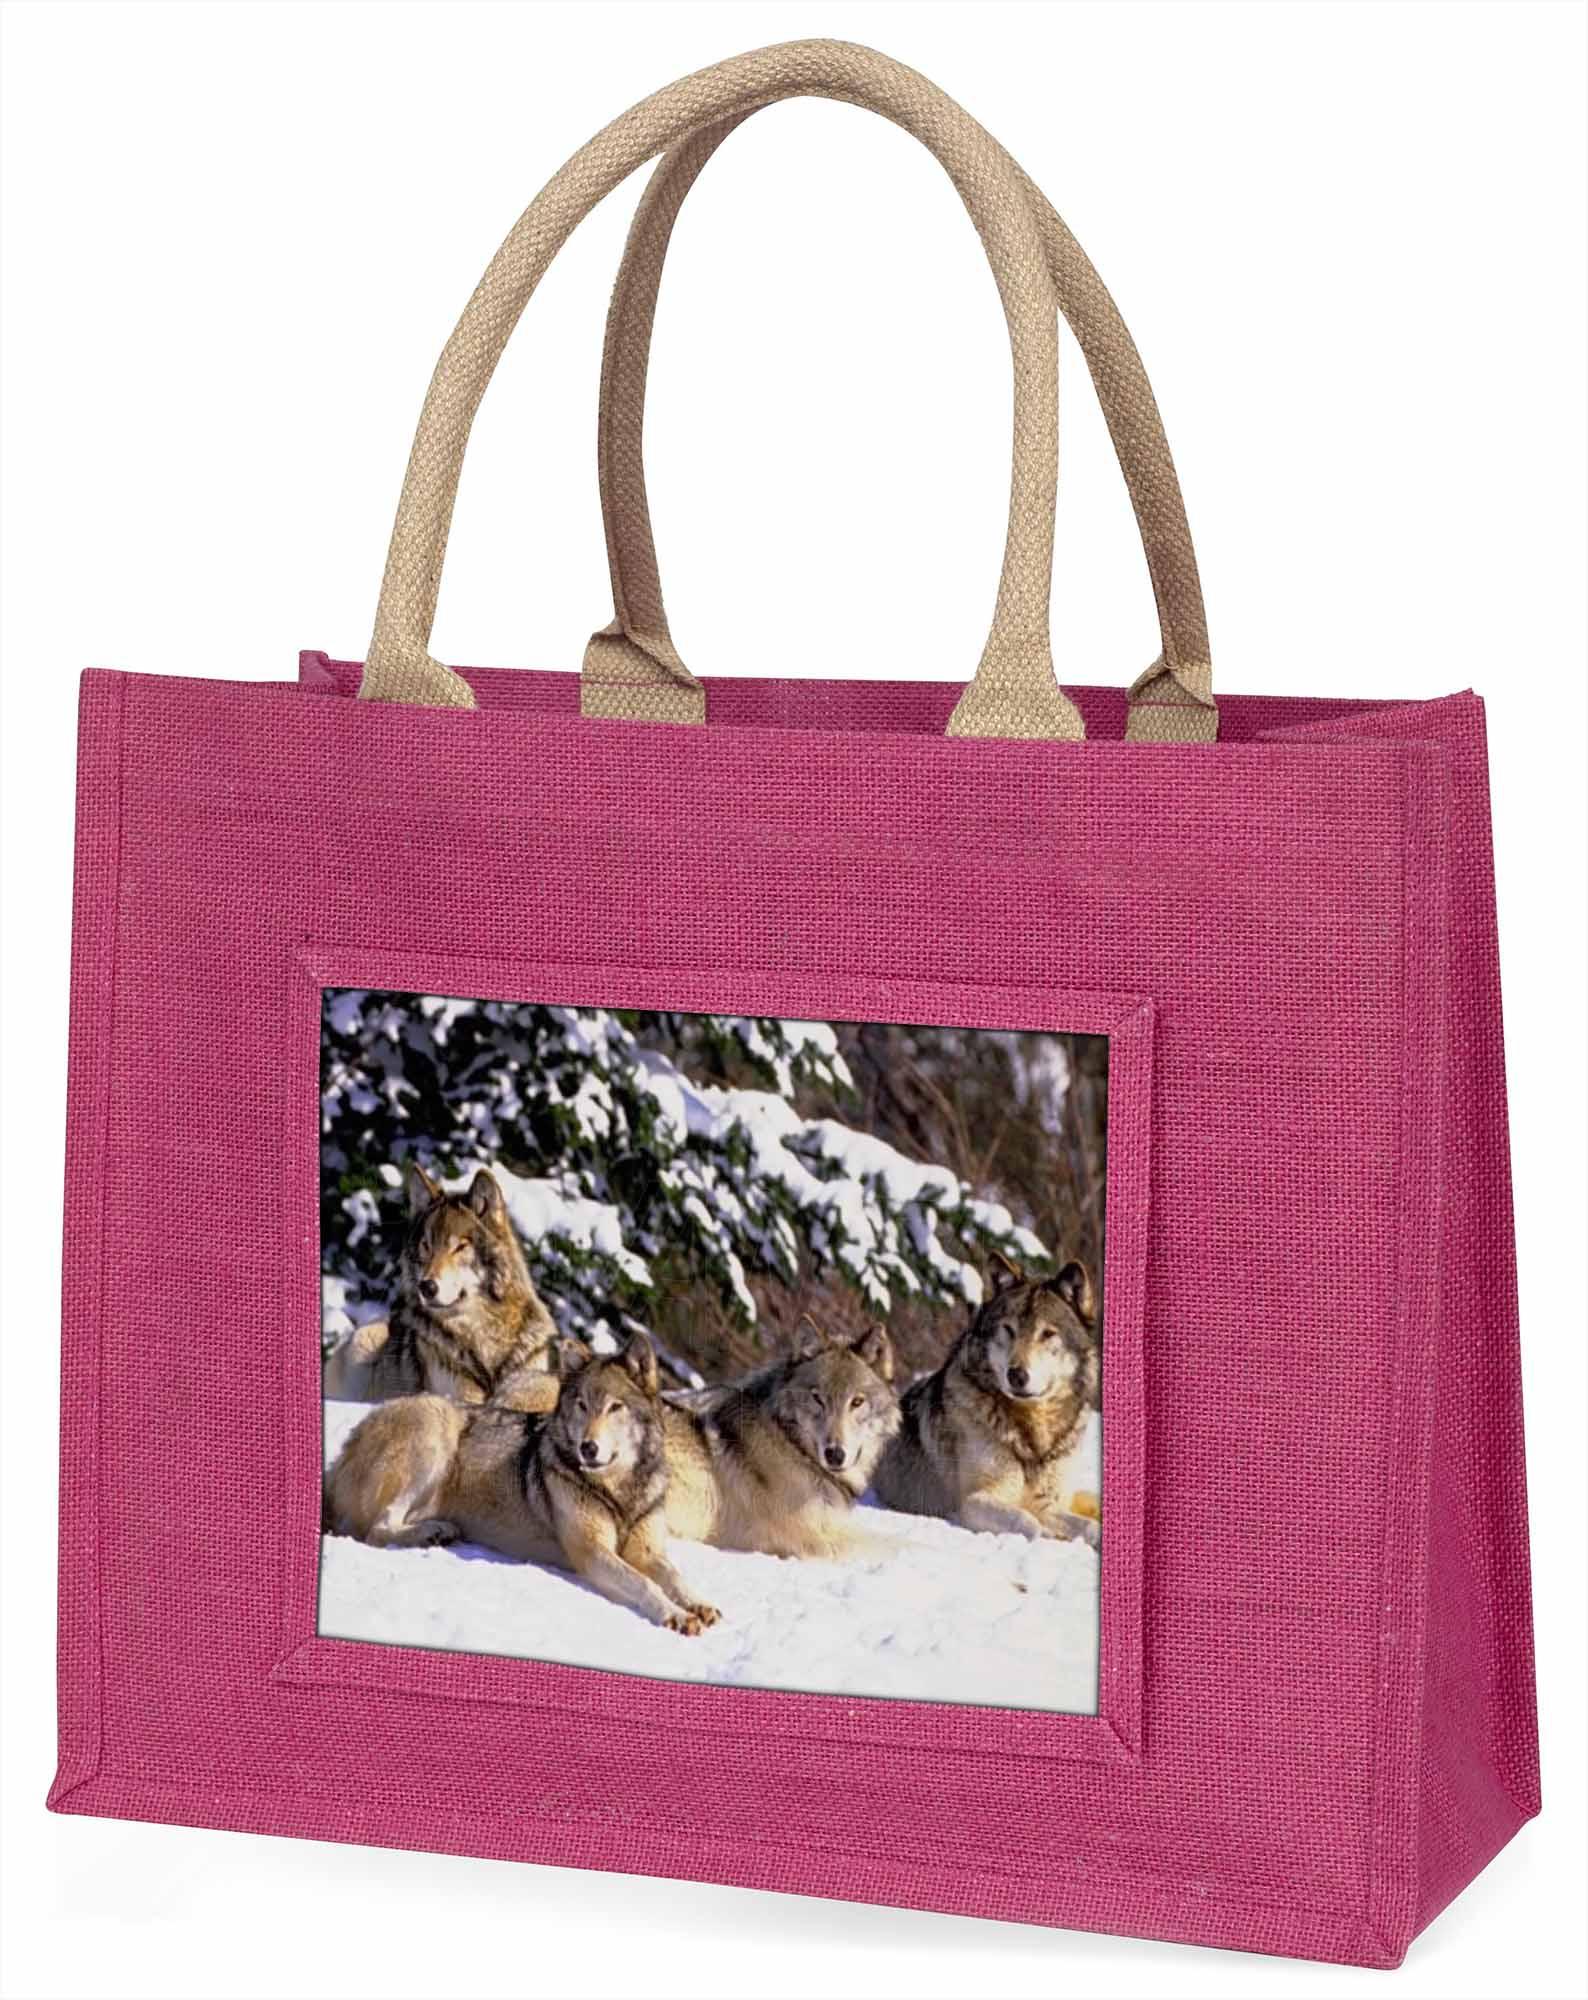 Wölfe im Schnee große rosa Einkaufstasche Weihnachten Geschenkidee, aw-8blp